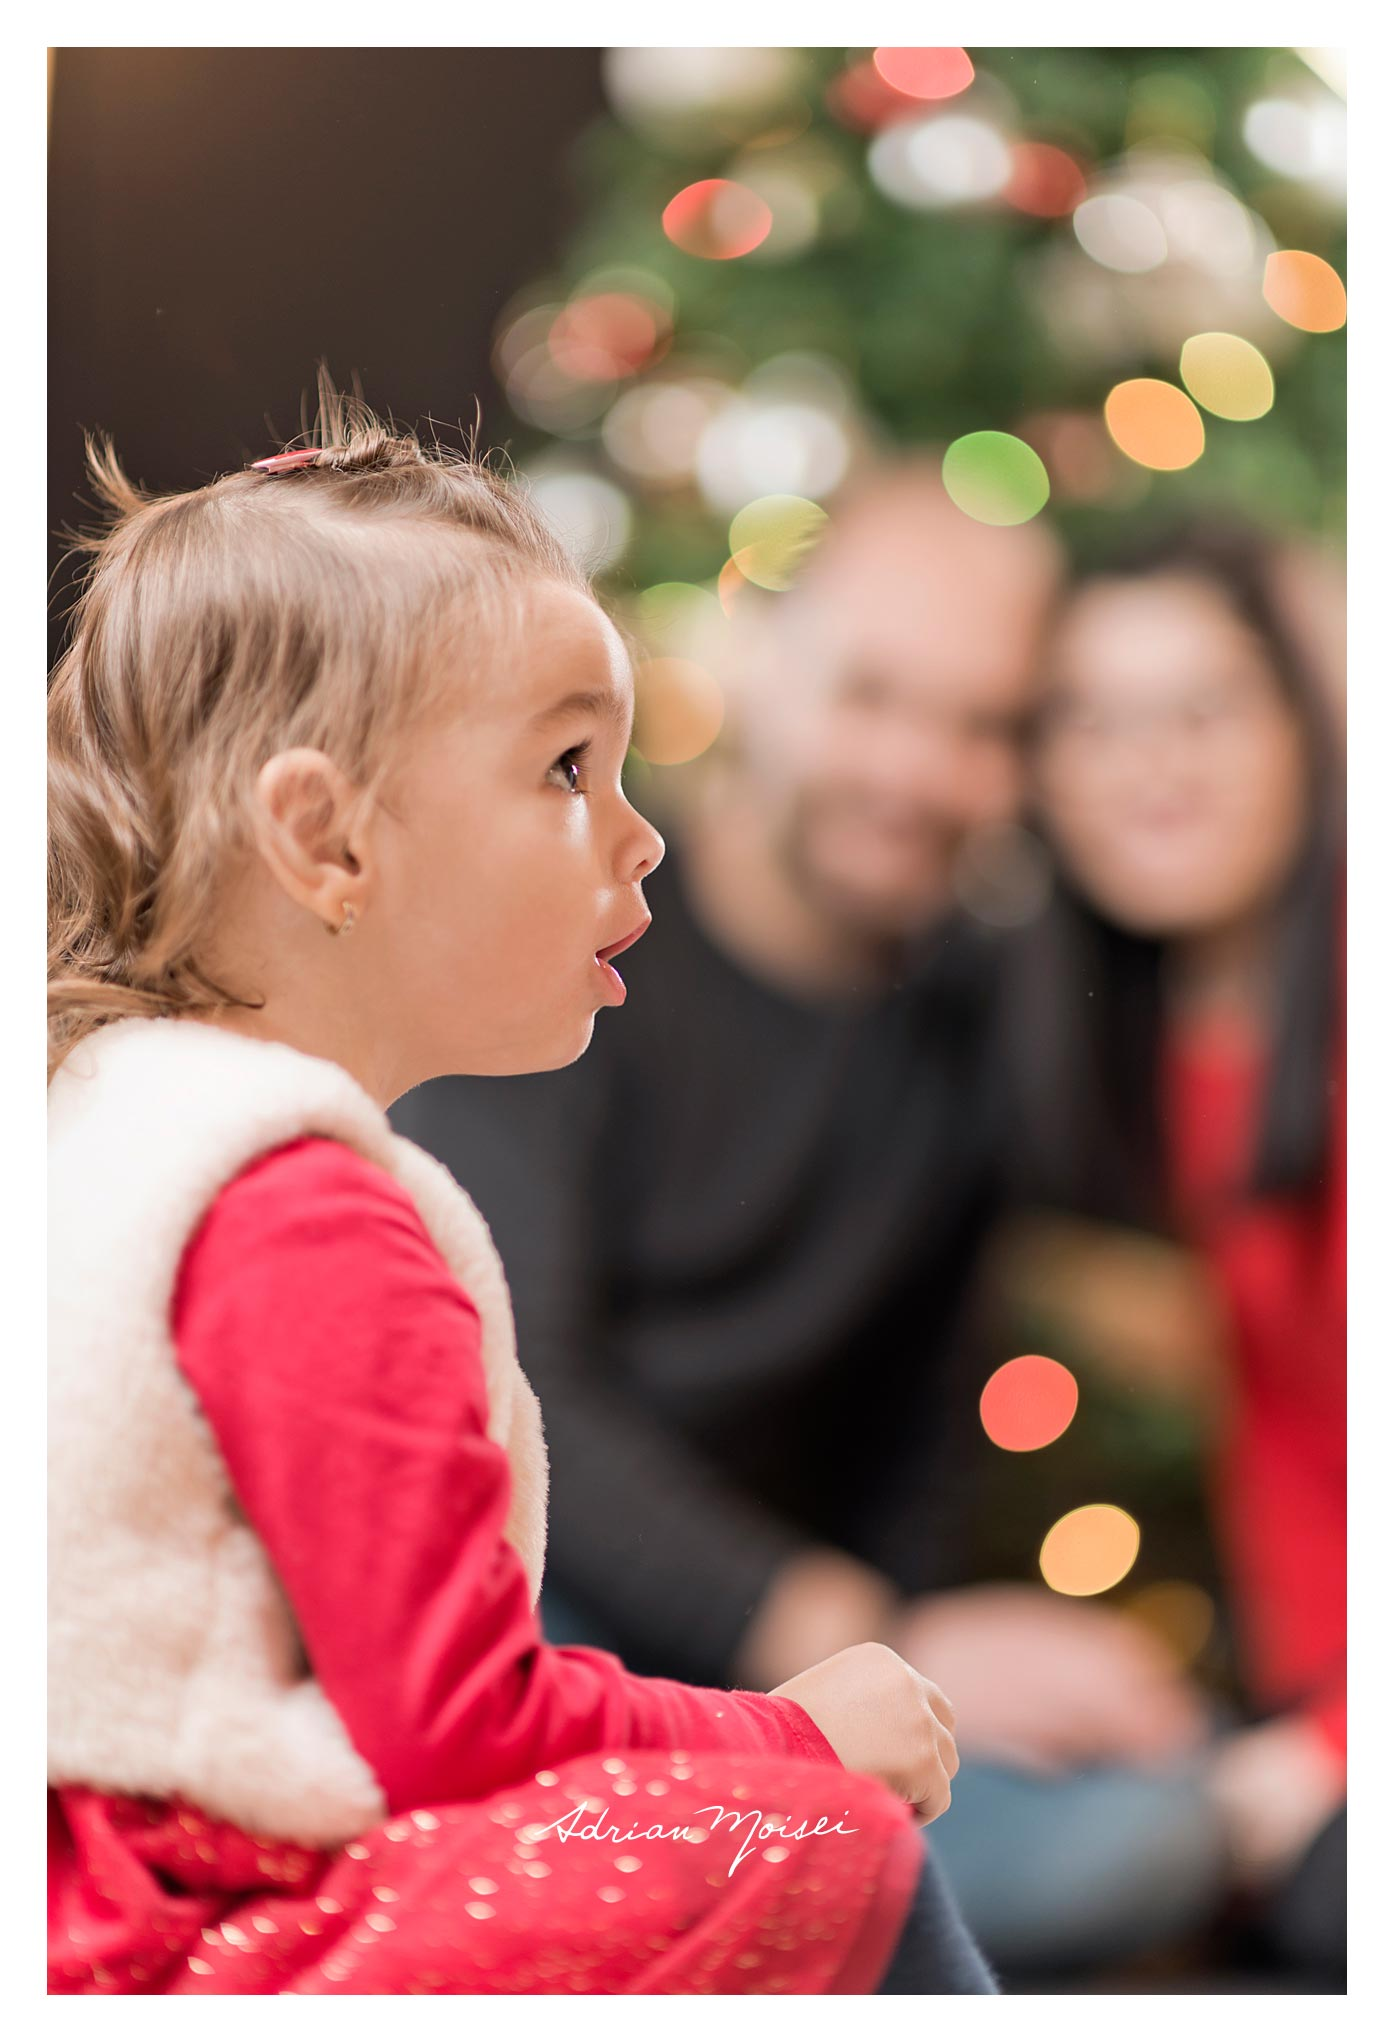 La doi anișori, de Crăciun, fotografie de familie, Adrian Moisei fotograf Iași.